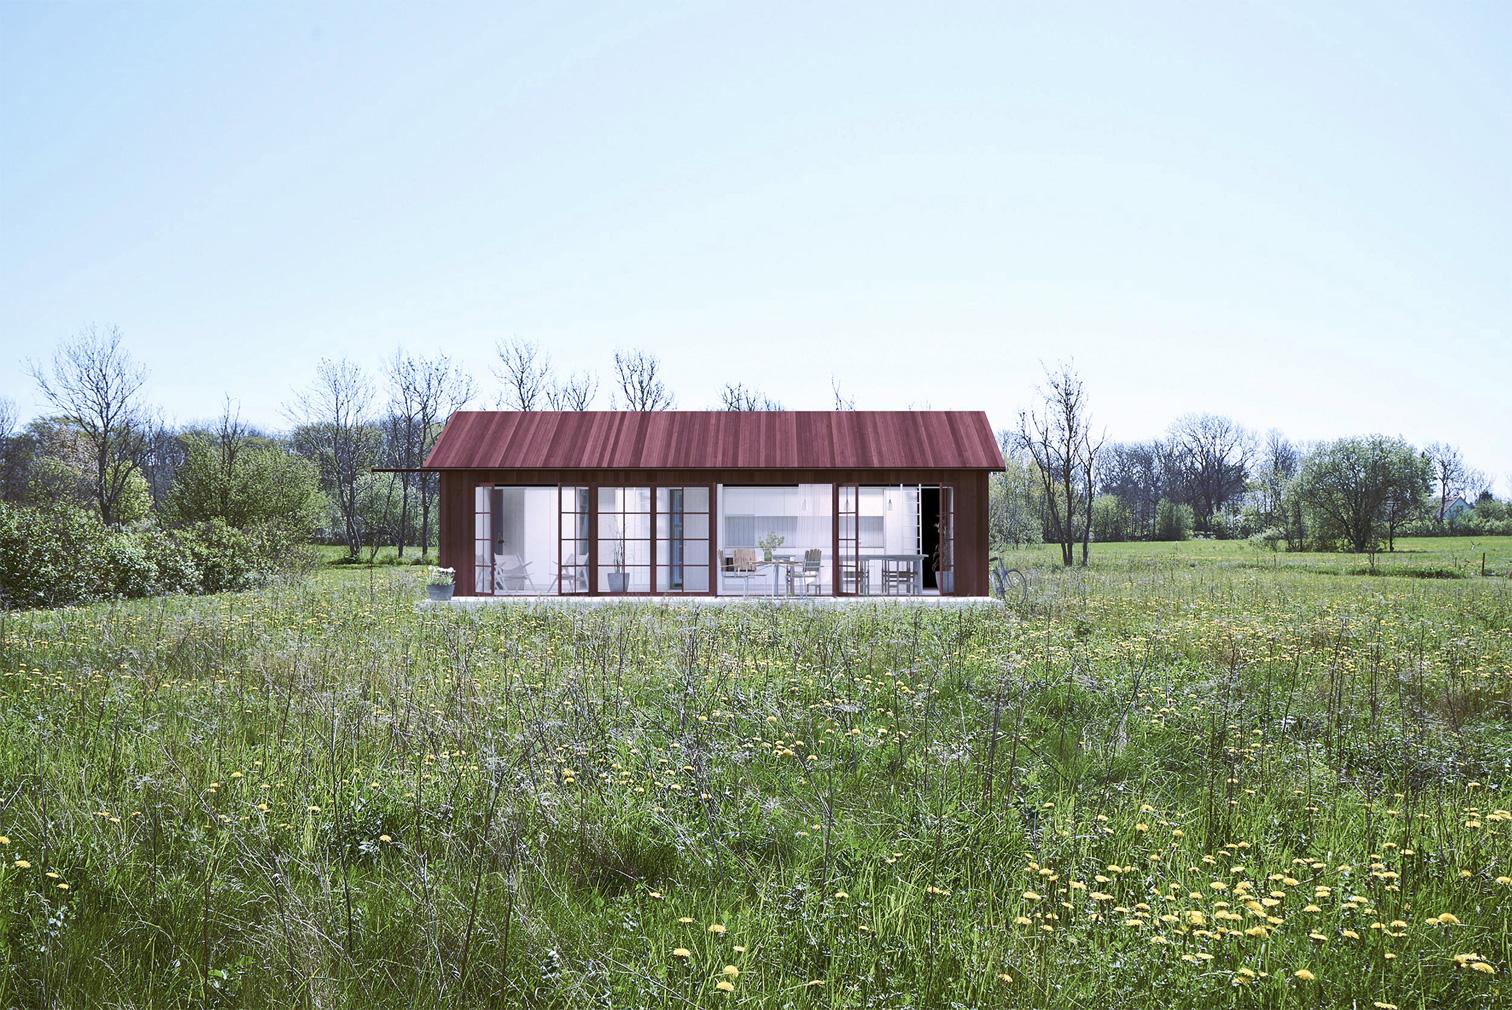 Unbuilt summer cabins on Sweden's Gotland